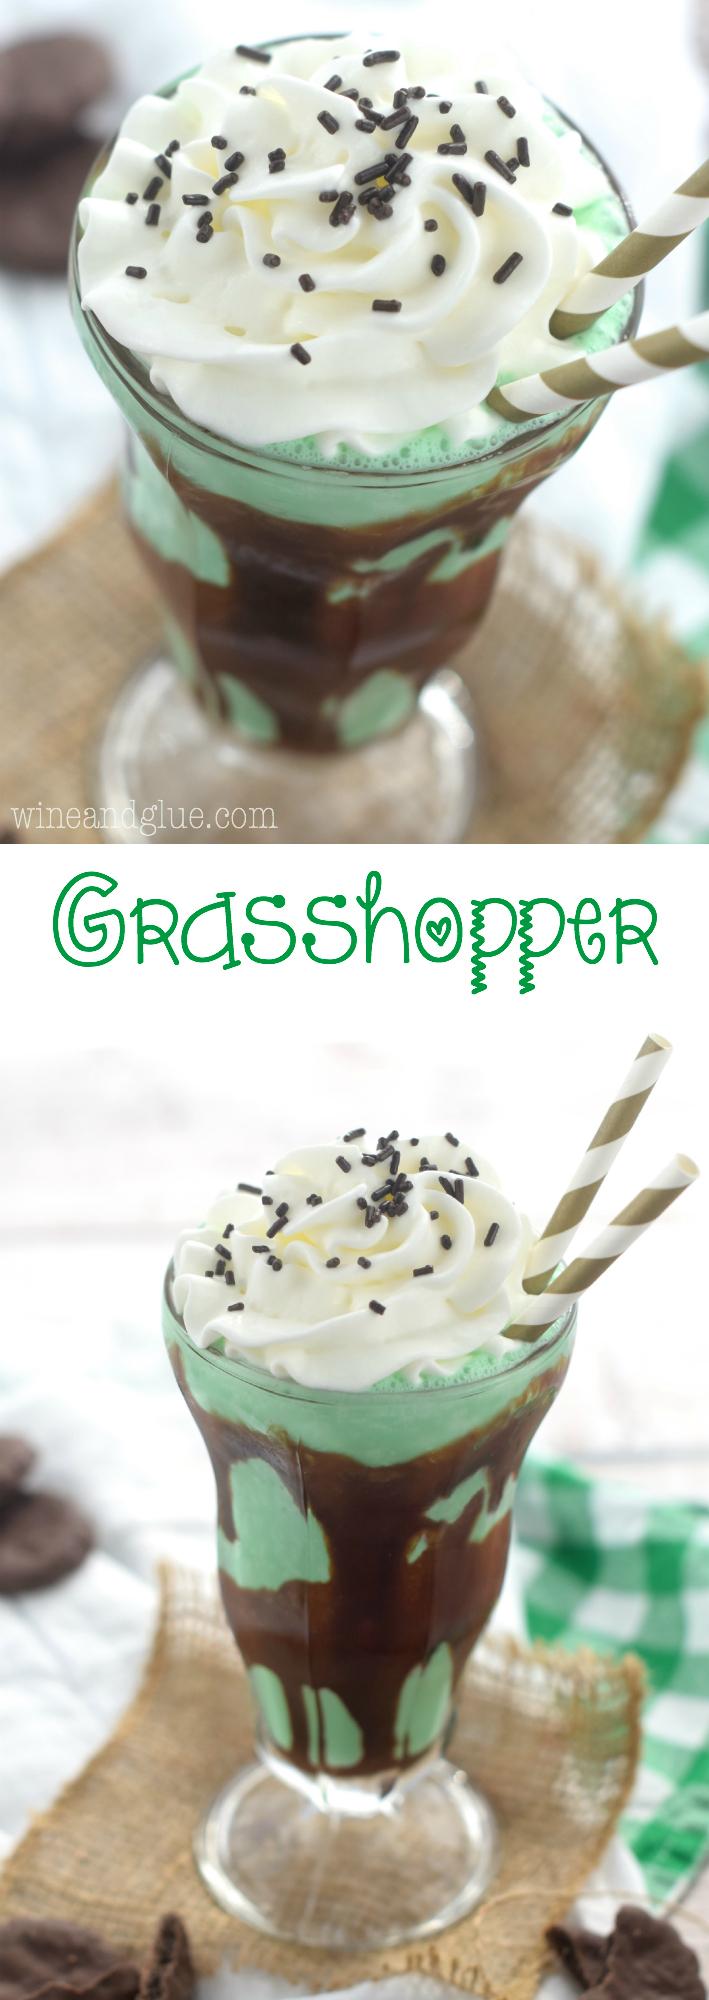 Grasshopper | Wine & Glue for Bread Booze Bacon